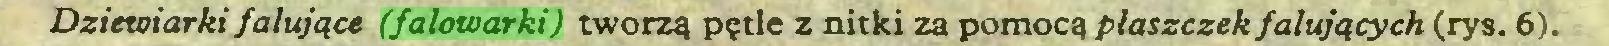 (...) Dziewiarki falujące (falowarki) tworzą pętle z nitki za pomocą płaszczek falujących (rys. 6)...